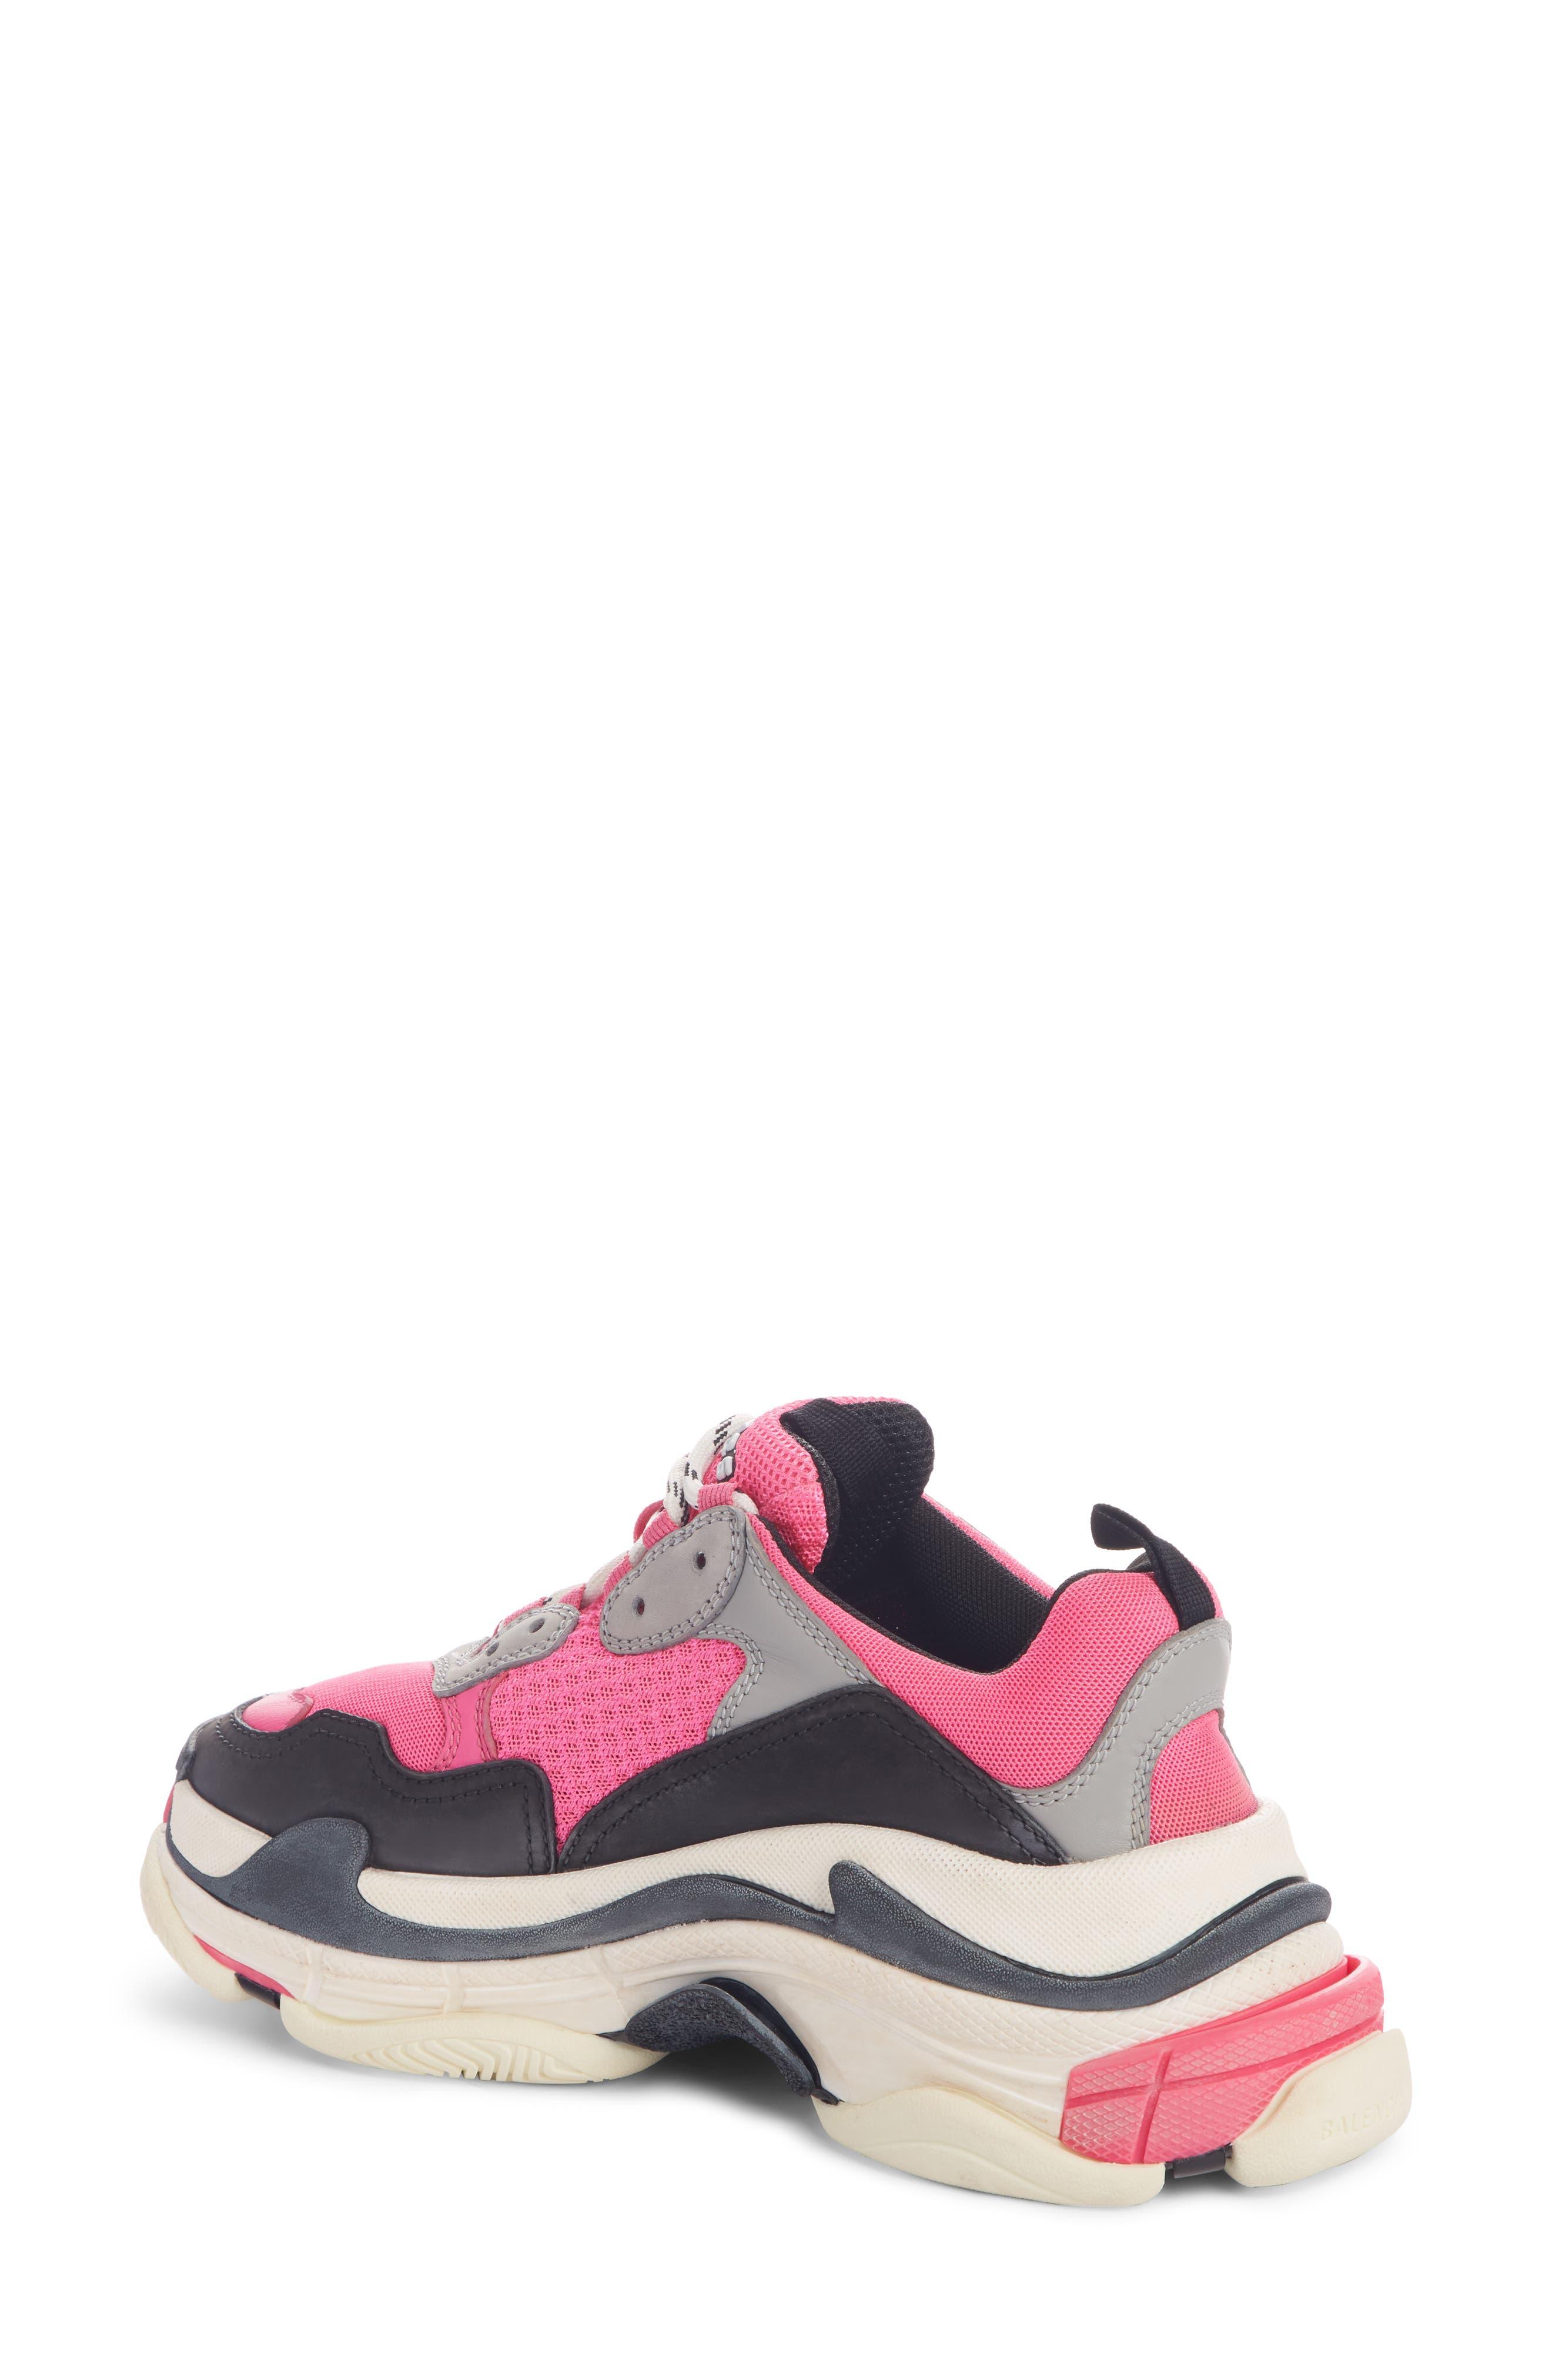 44267370911 Women s Balenciaga Shoes